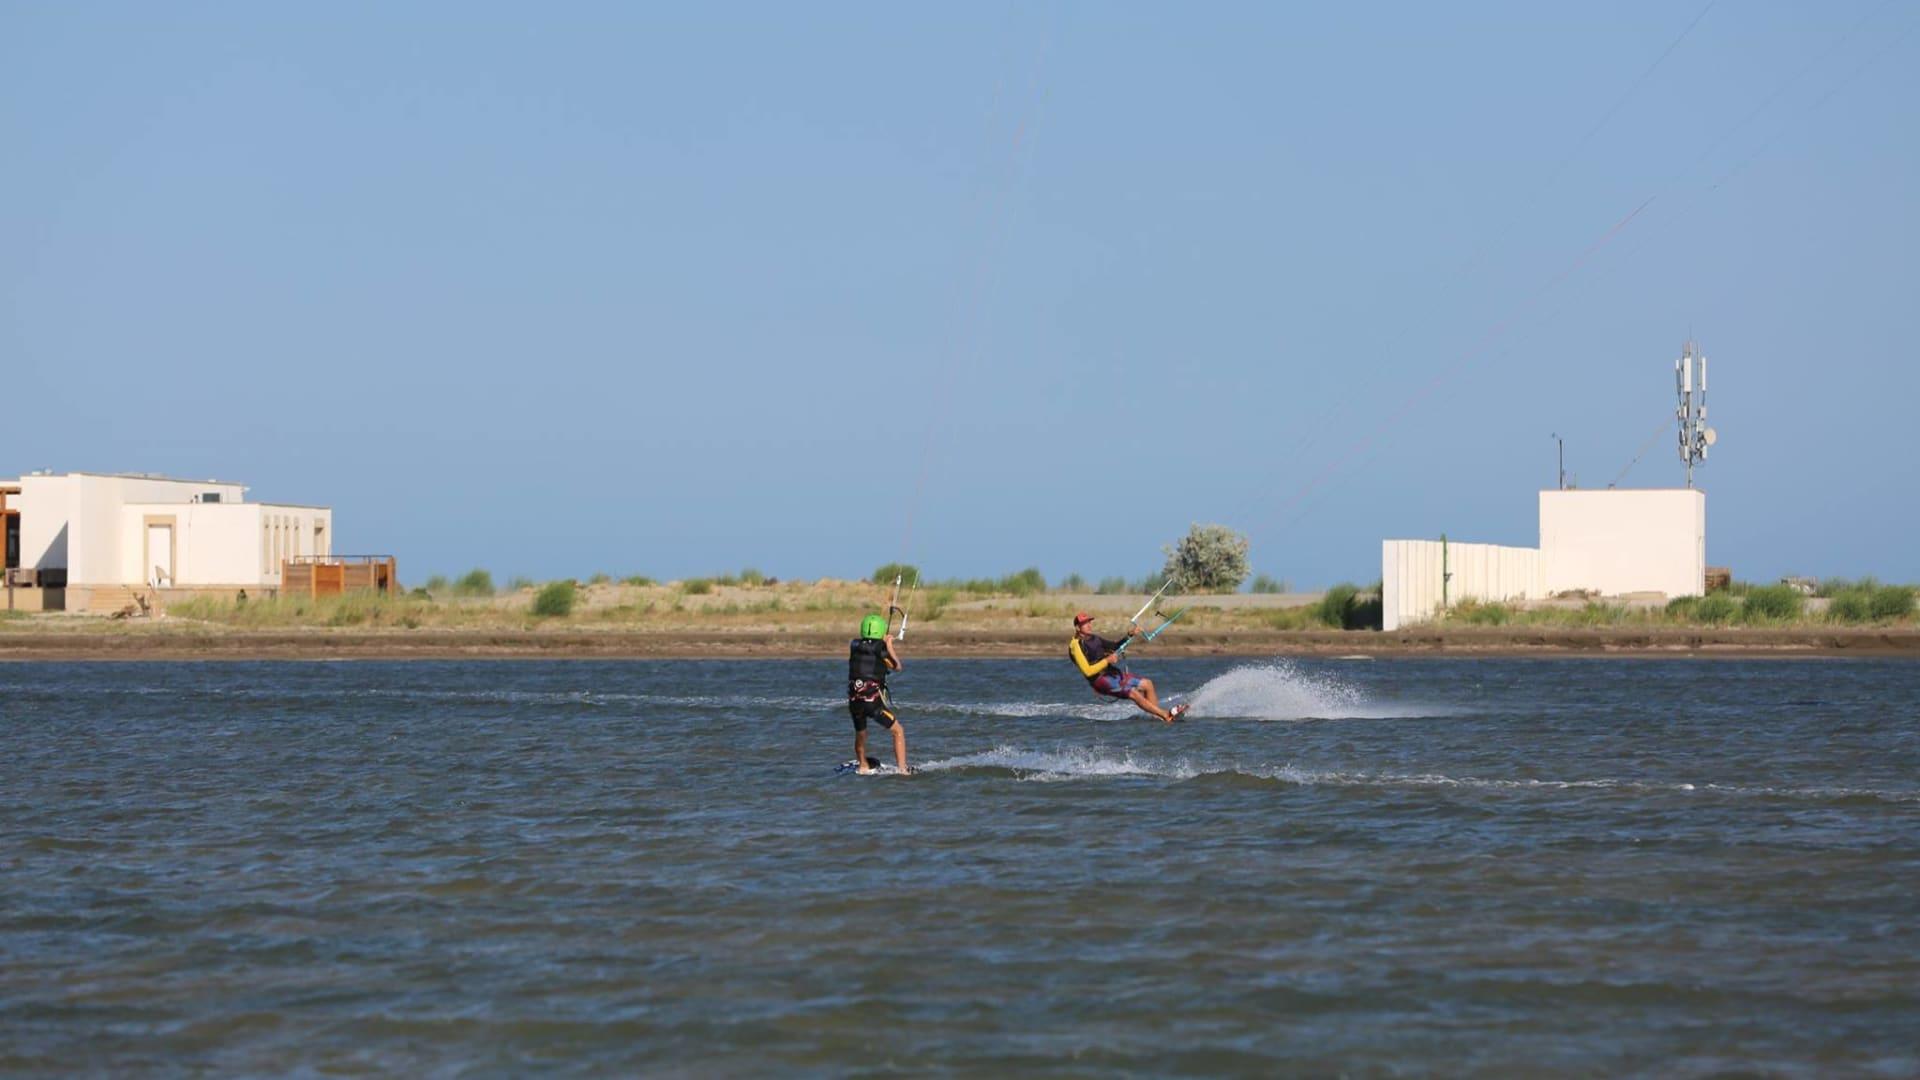 """استمتع بركوب الأمواج بالطائرة الورقية في شاطئ """"بلو بلانيت كايت"""" في أذربيجان."""